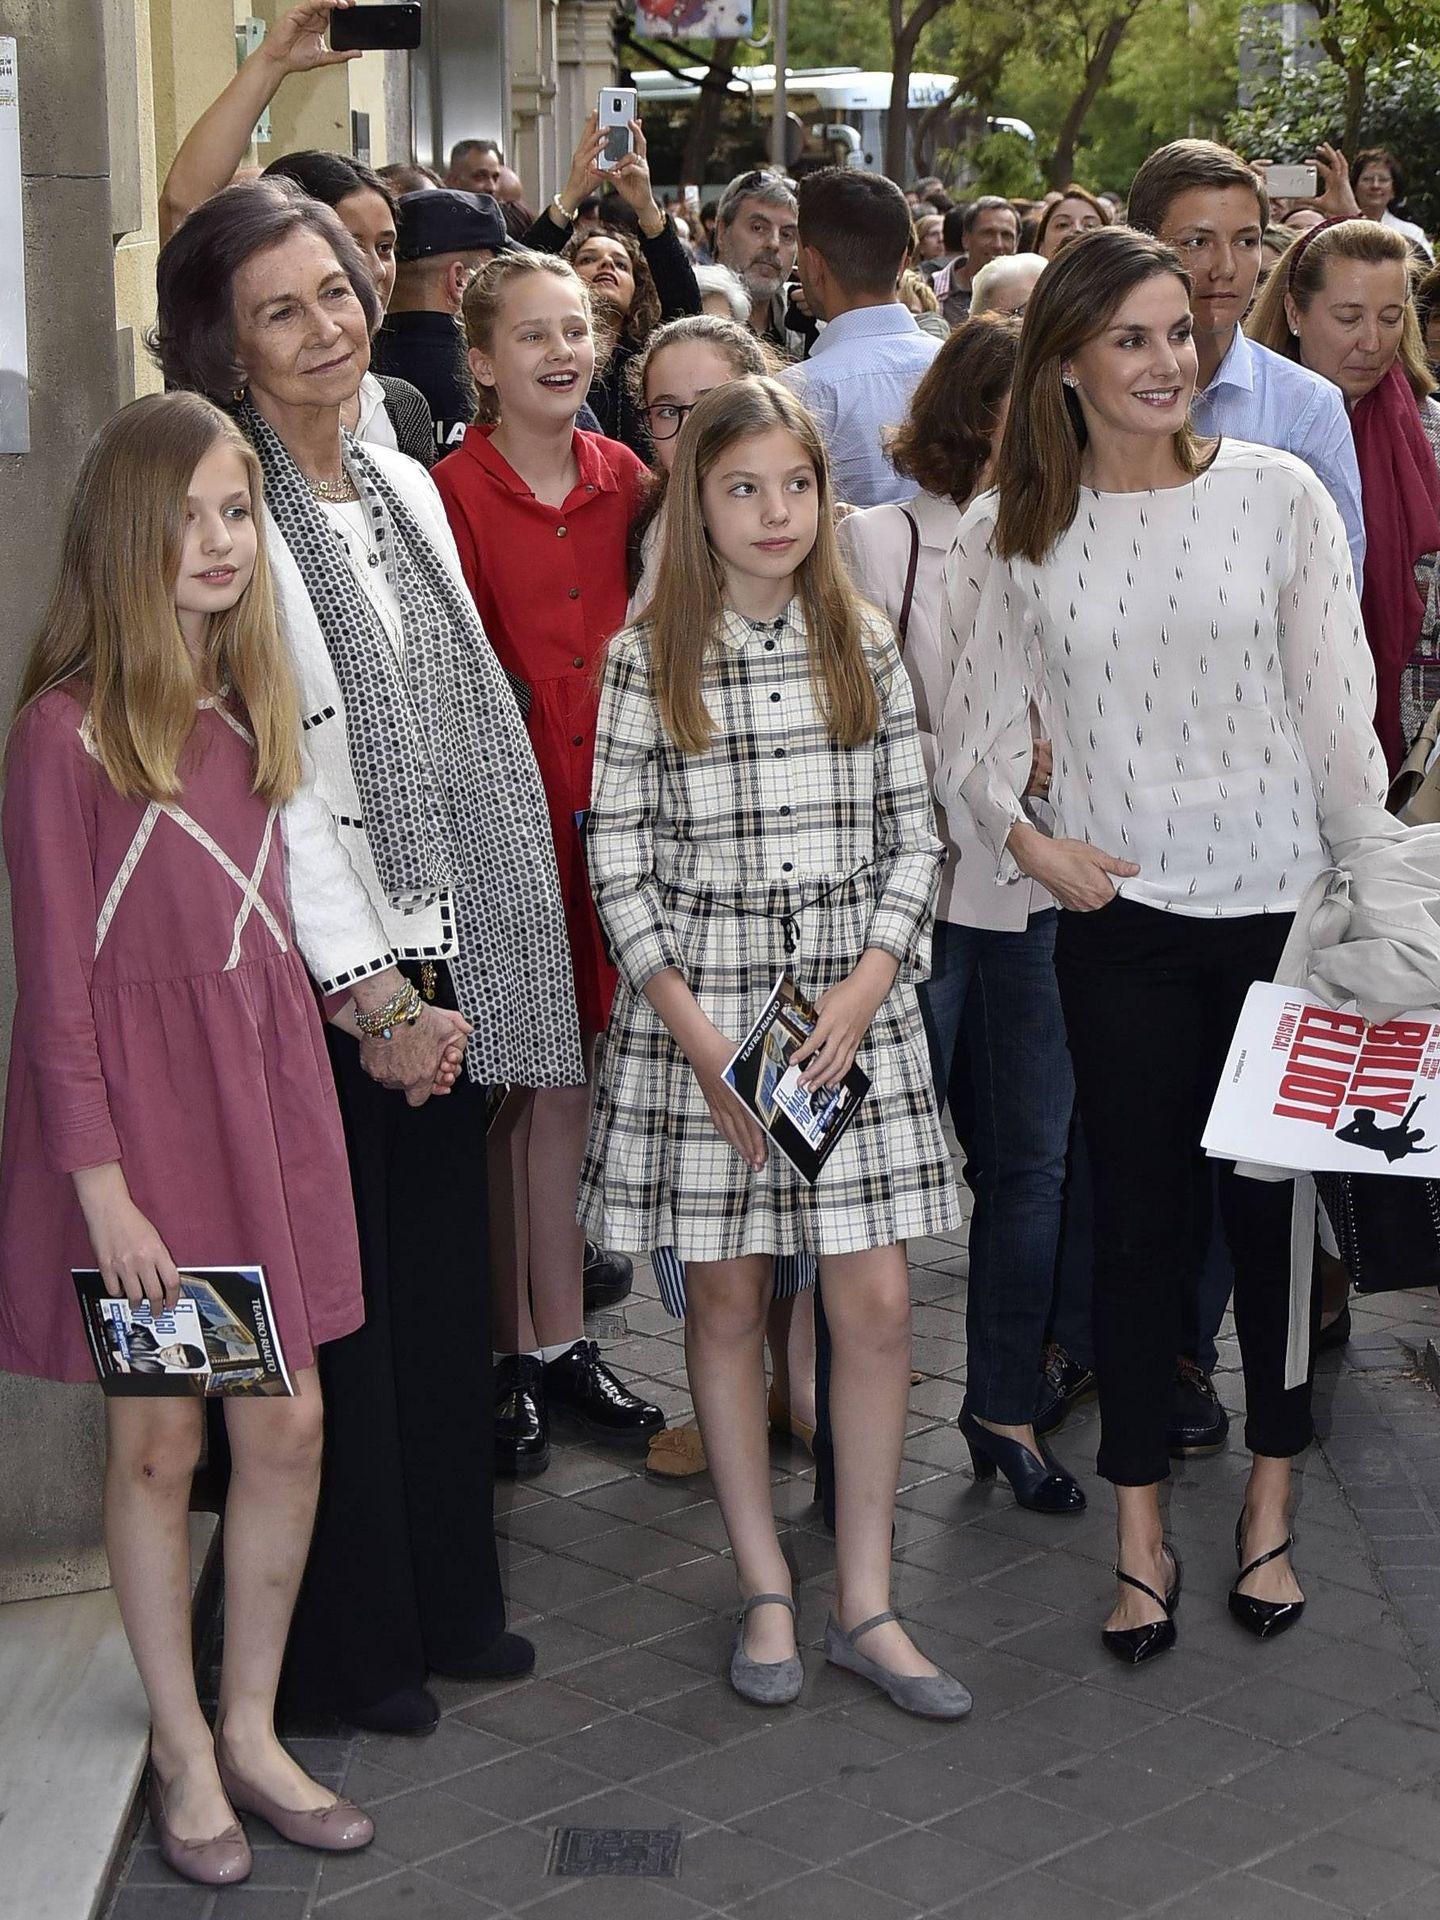 La reina Letizia, en una imagen de archivo con bailarinas negras. (Cordon Press)